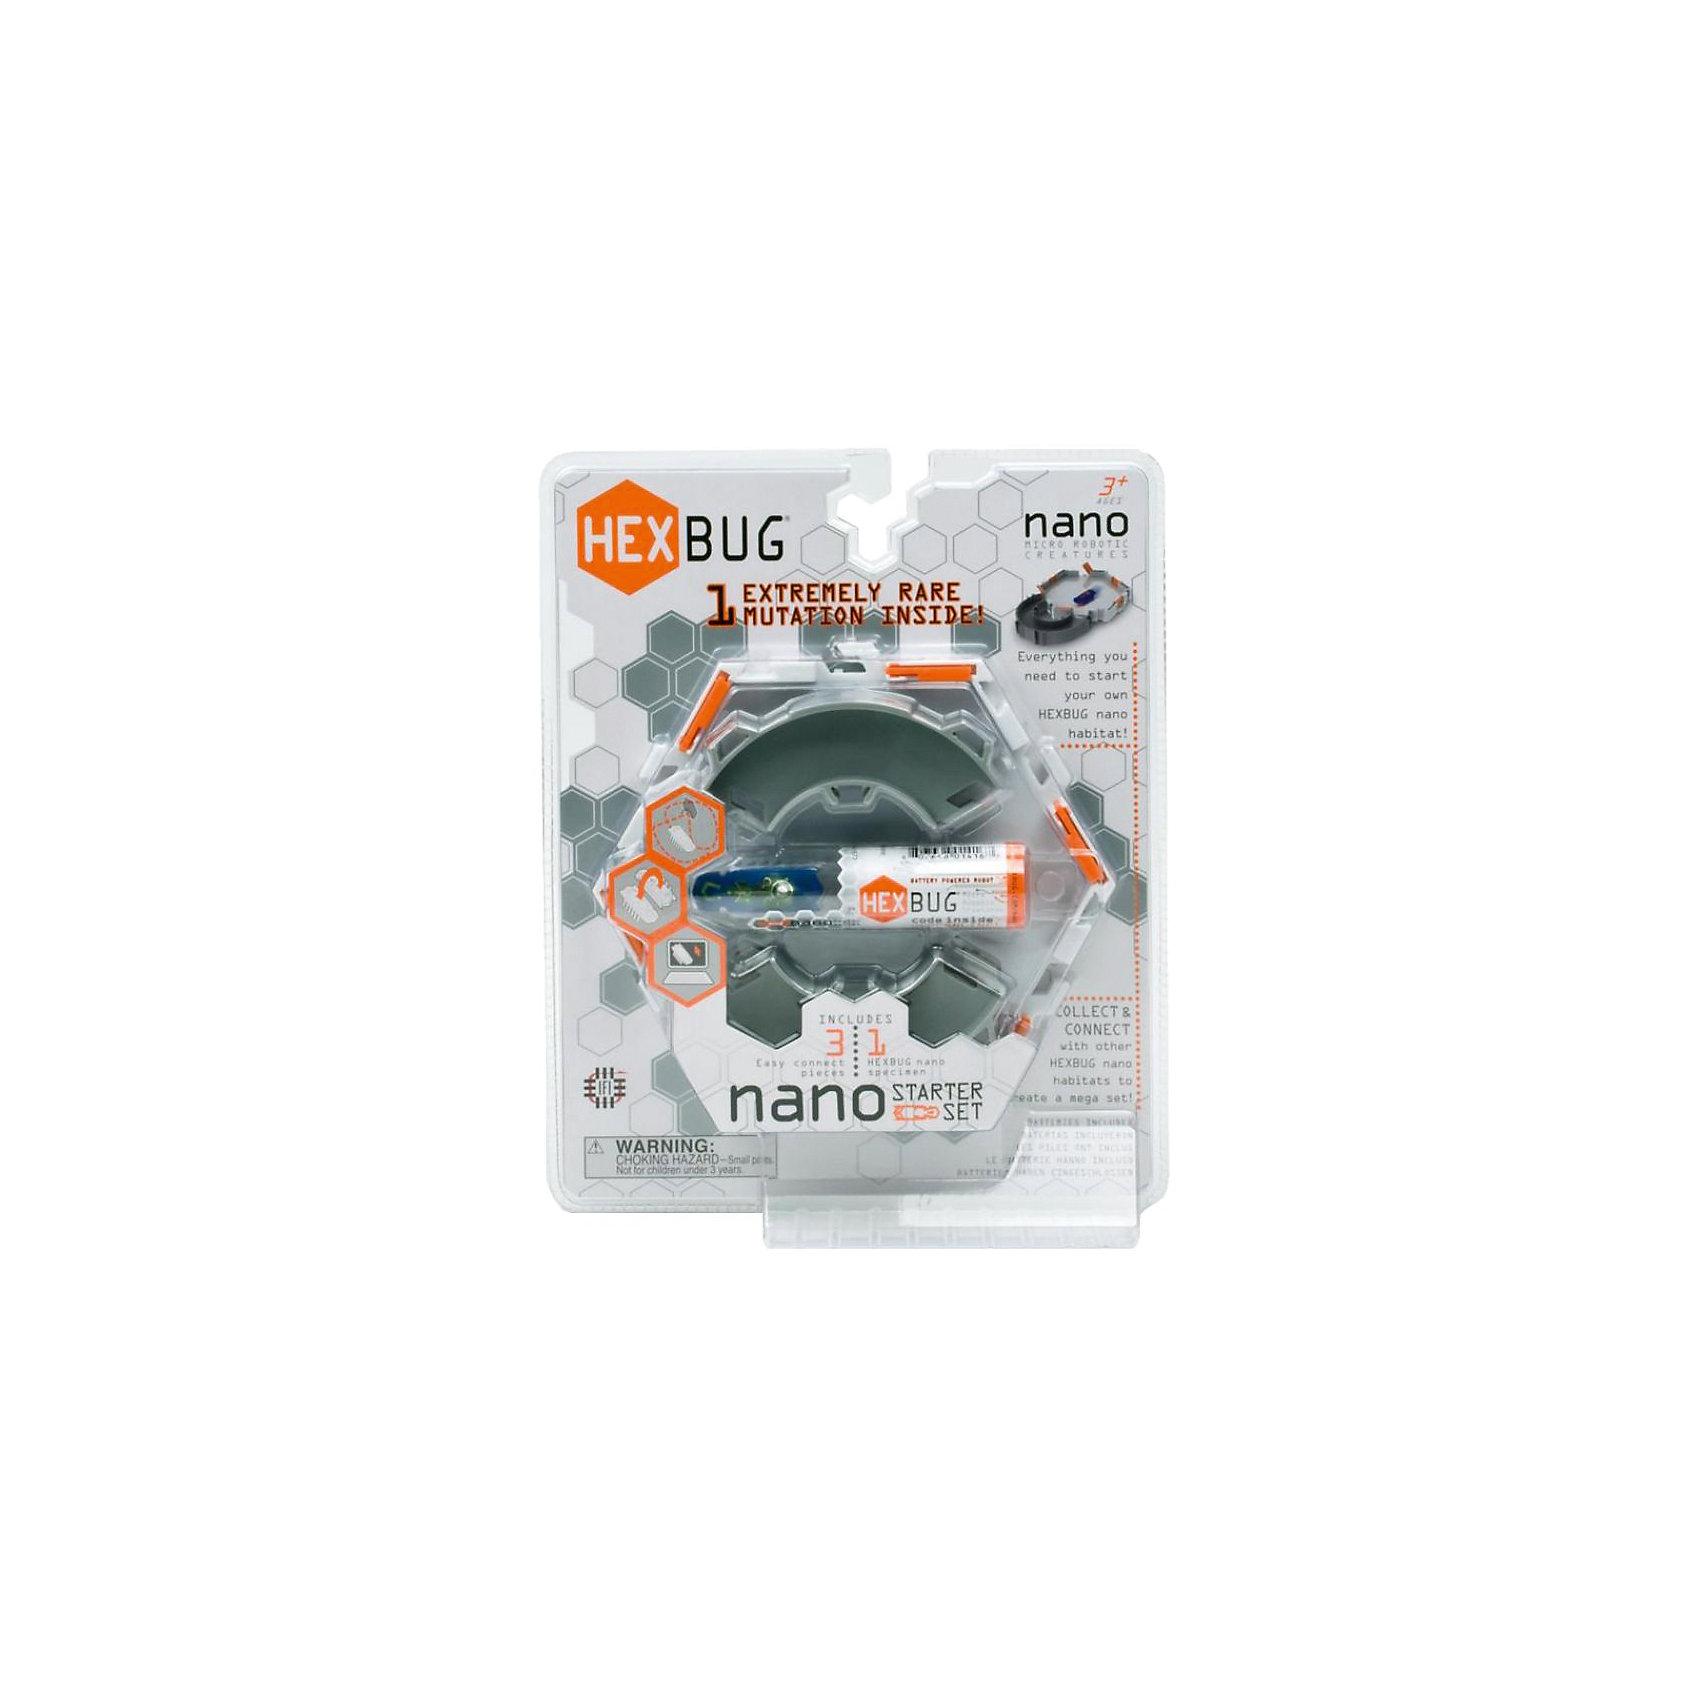 Стартовый игровой набор с микро-роботами Нанодром, HexbugШустрый и проворный наноробот быстро бегает, обожает туннели, лабиринты и ровные горизонтальные площадки, переворачивается после падения. Нанодром расширяет игровые возможности новых друзей, детали наборов Hexbug комплектуются друг с другом. <br><br>Комплектация игрового набора Nano set Construct Starter:<br><br>• 1 площадка, <br>• 2 поворотные дорожки, <br>• 1 микро-робот Нано.<br><br>Стартовый игровой набор с микро-роботами Нанодром, Hexbug можно купить в нашем интернет-магазине.<br><br>Ширина мм: 267<br>Глубина мм: 222<br>Высота мм: 45<br>Вес г: 250<br>Возраст от месяцев: 96<br>Возраст до месяцев: 1164<br>Пол: Мужской<br>Возраст: Детский<br>SKU: 2288909